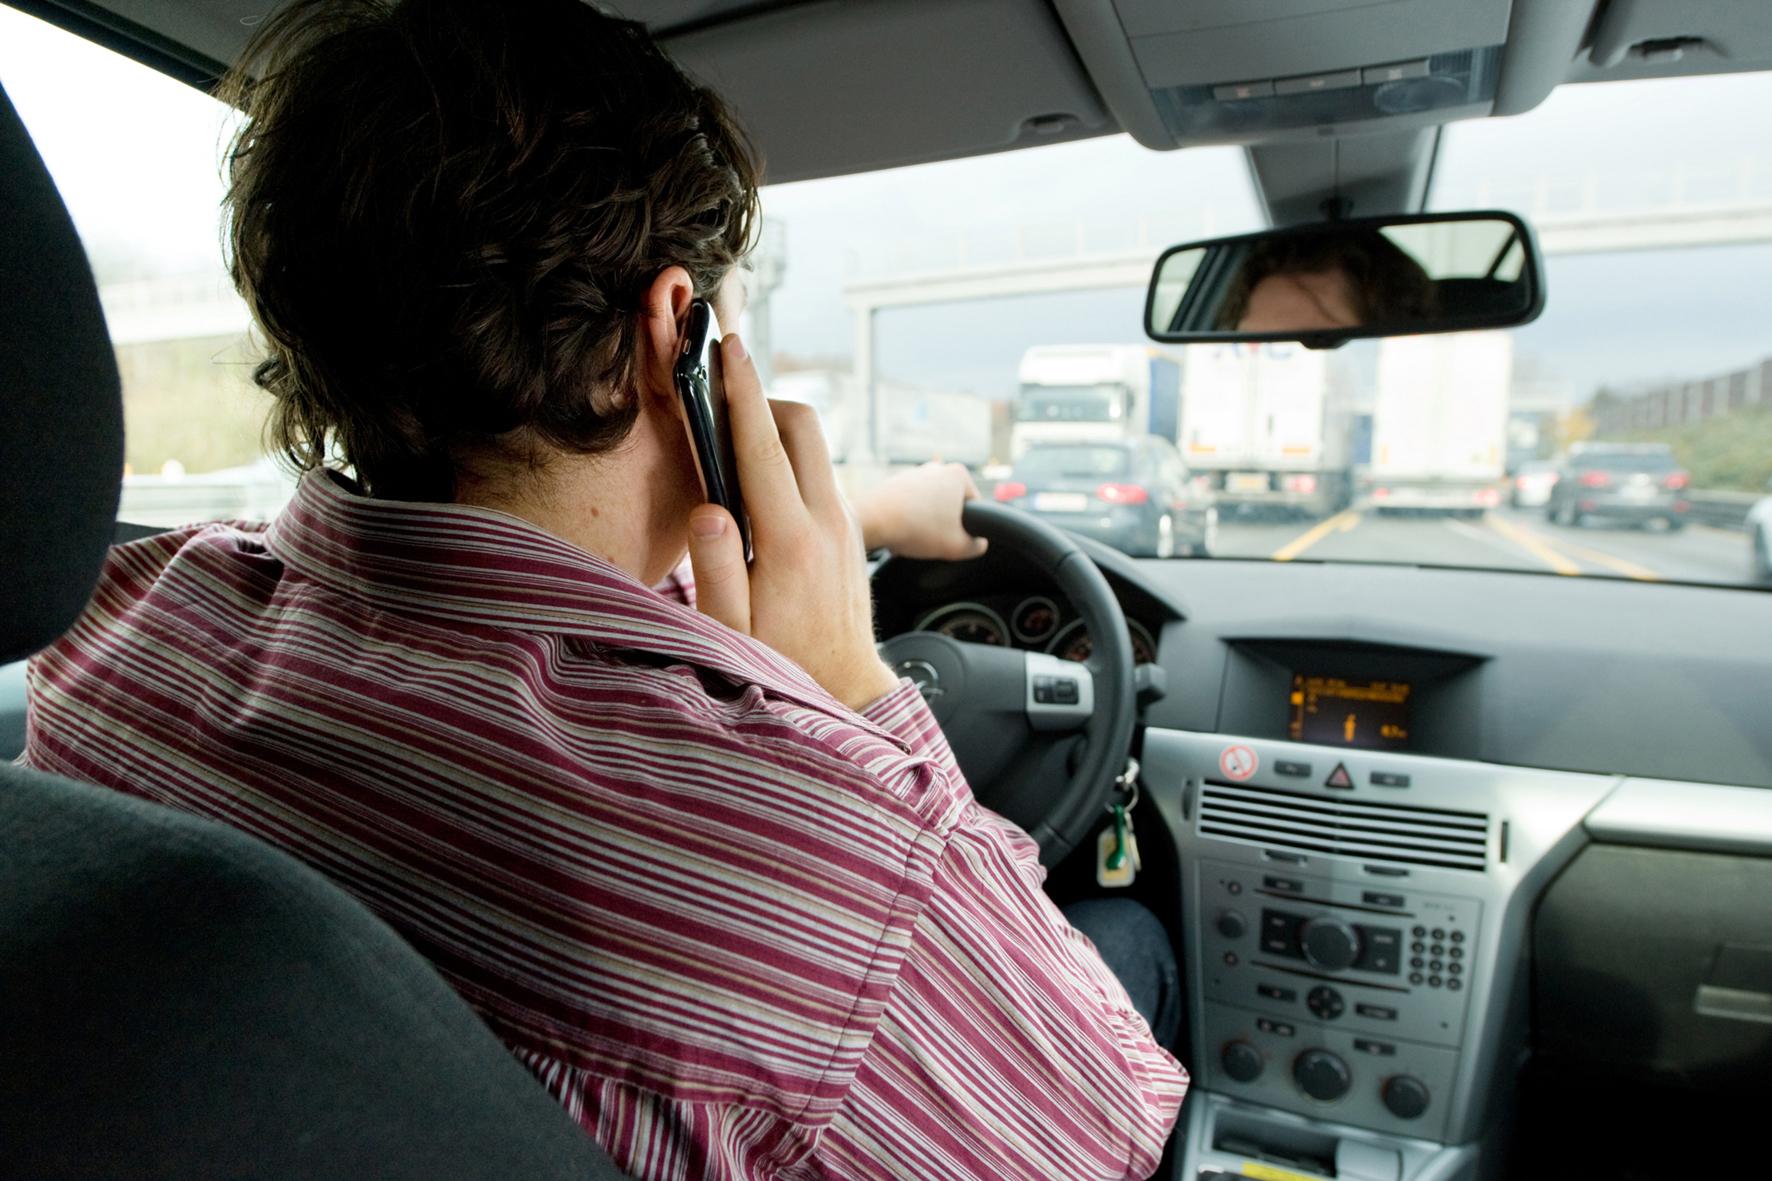 mid Groß-Gerau - Wer während der Autofahrt mit dem Handy telefoniert oder Nachrichten in sein Smartphone tippt, ist eine tödliche Gefahr - für sich und alle anderen Verkehrsteilnehmer.